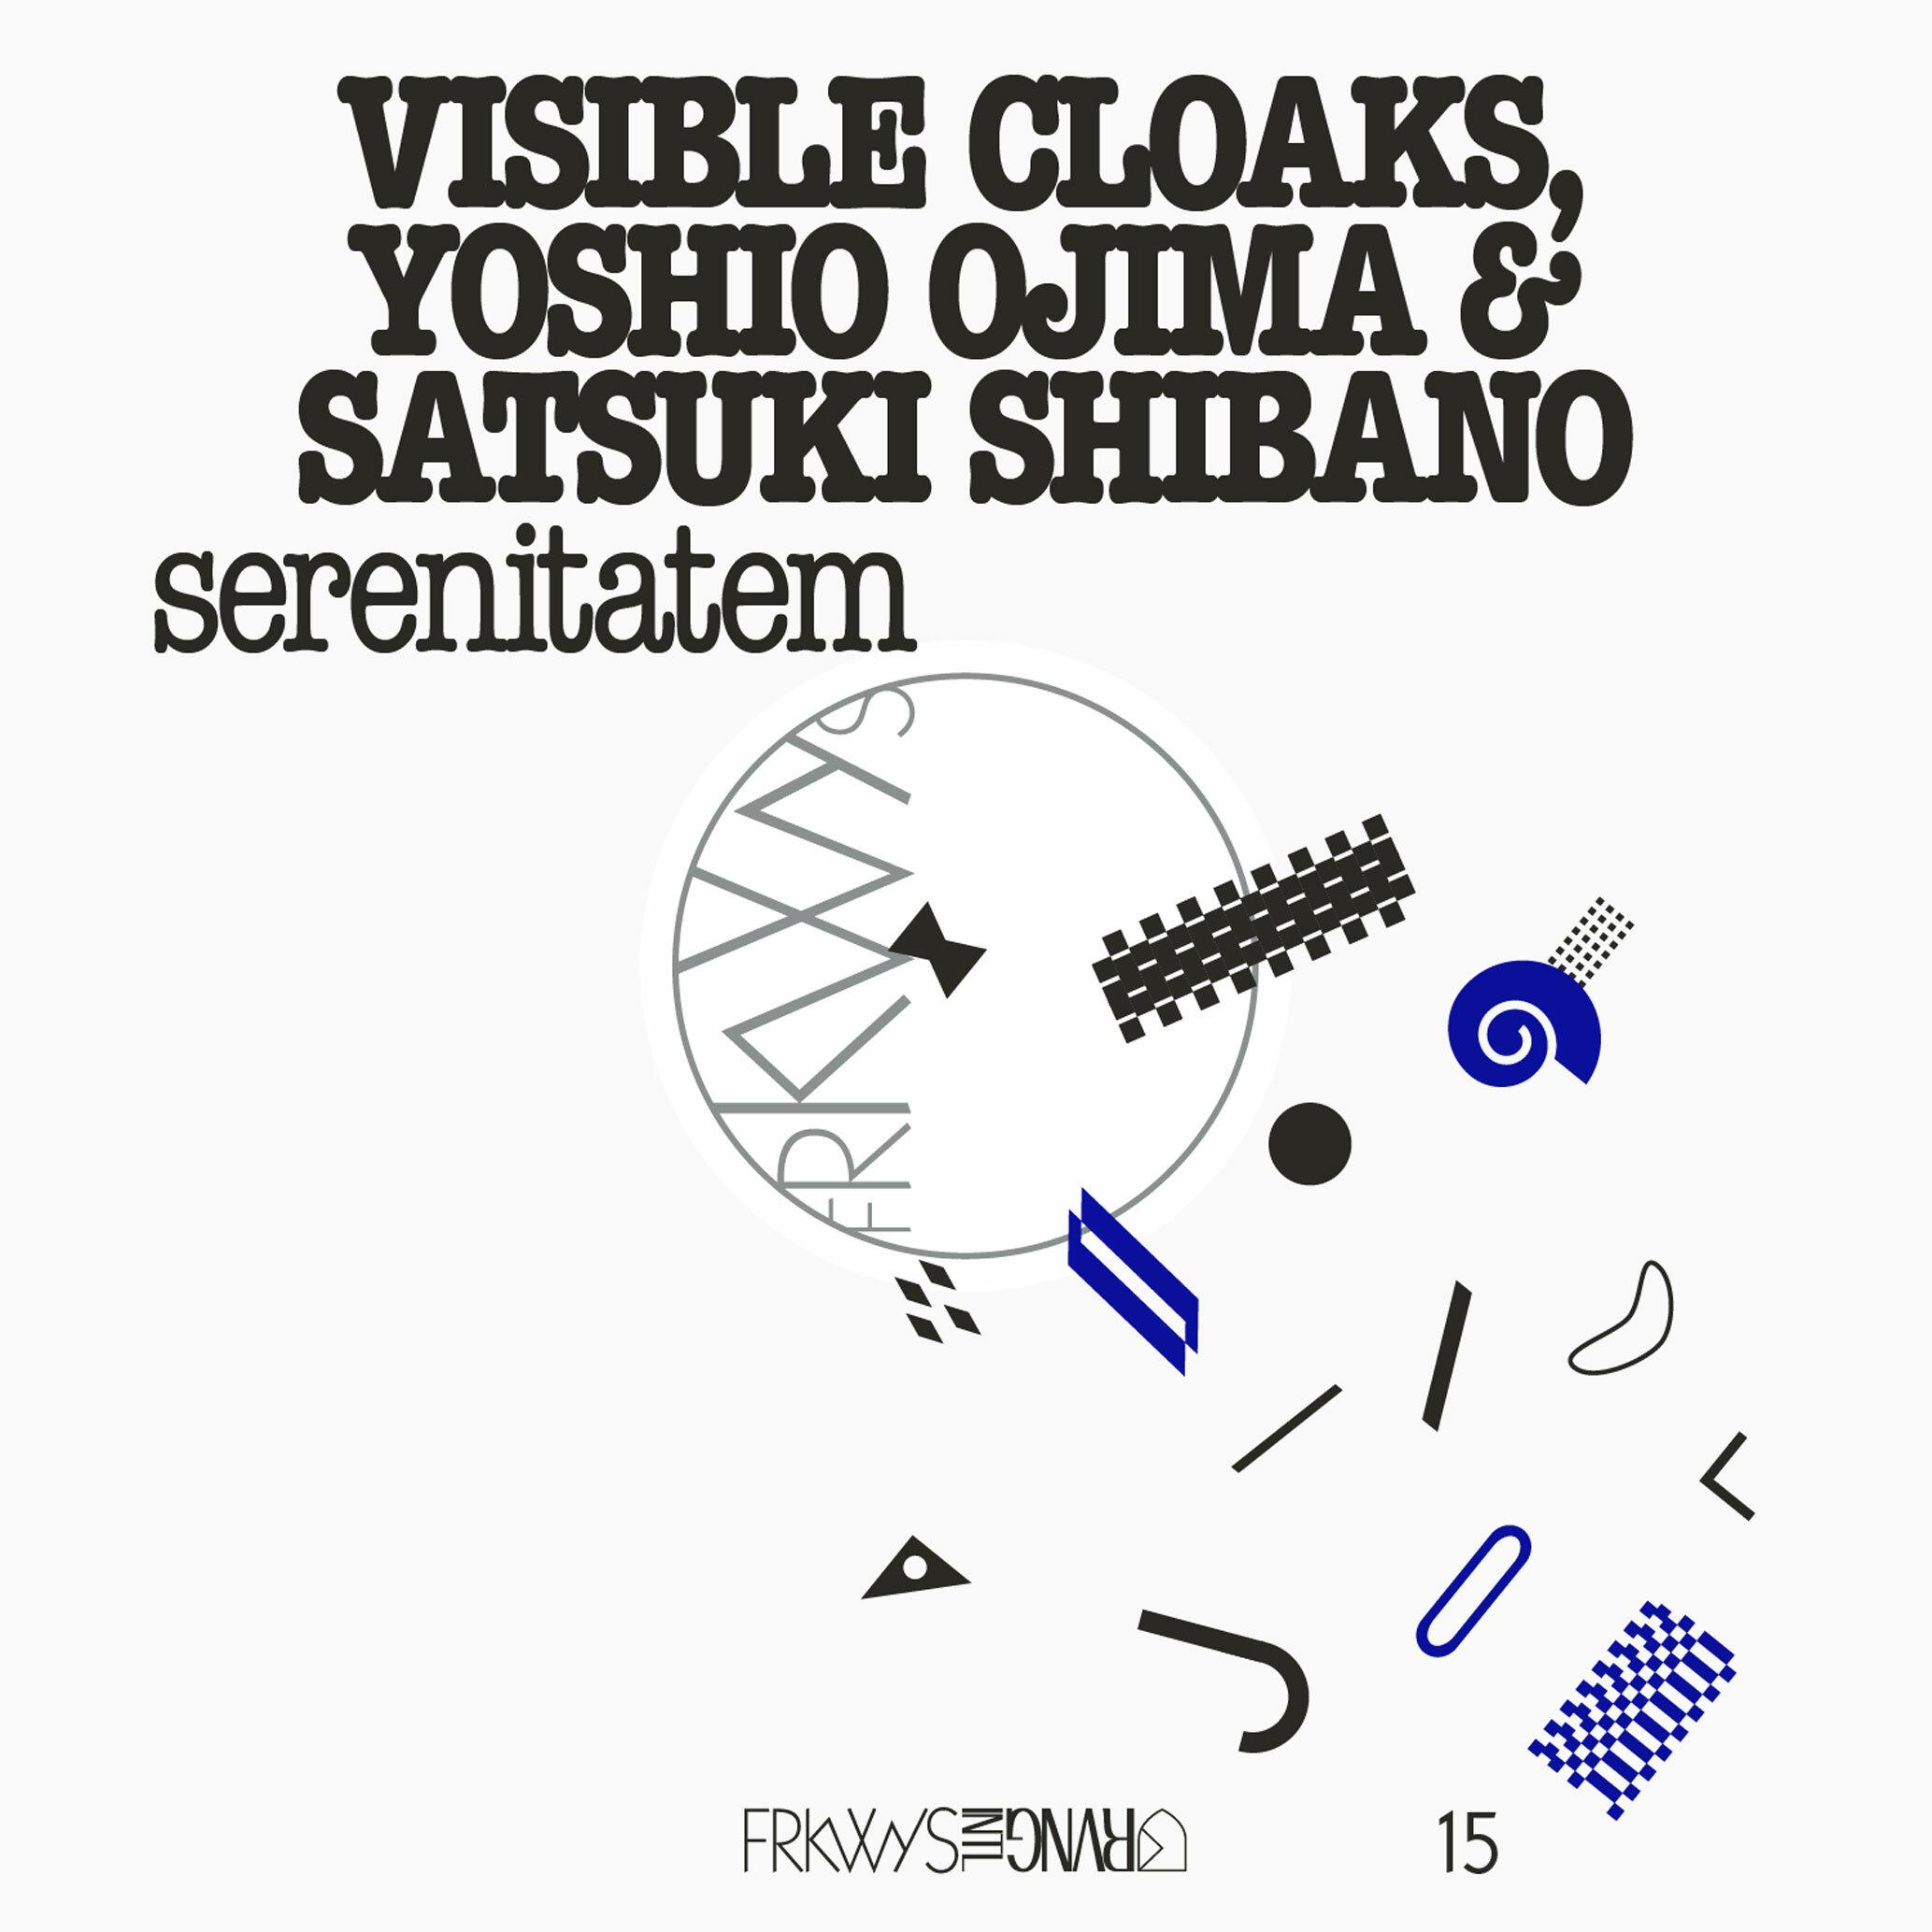 Frkwys Vol. 15: Serenitatem | Visible Cloaks, Yoshio Ojima & Satsuki Shibano